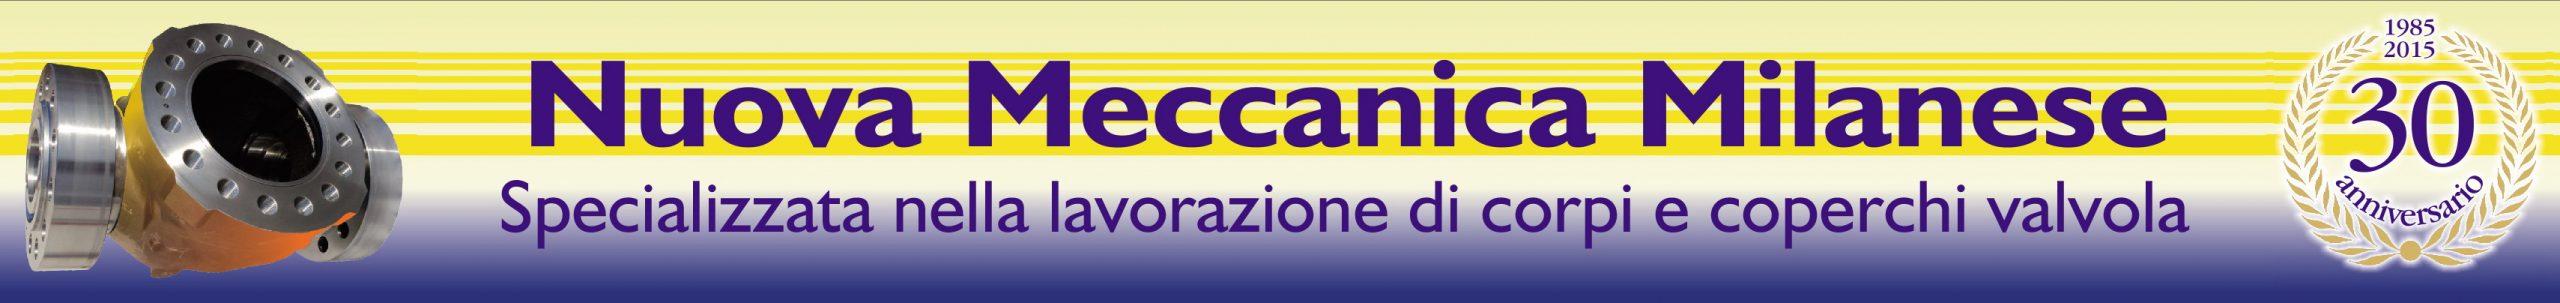 Nuova Meccanica Milanese